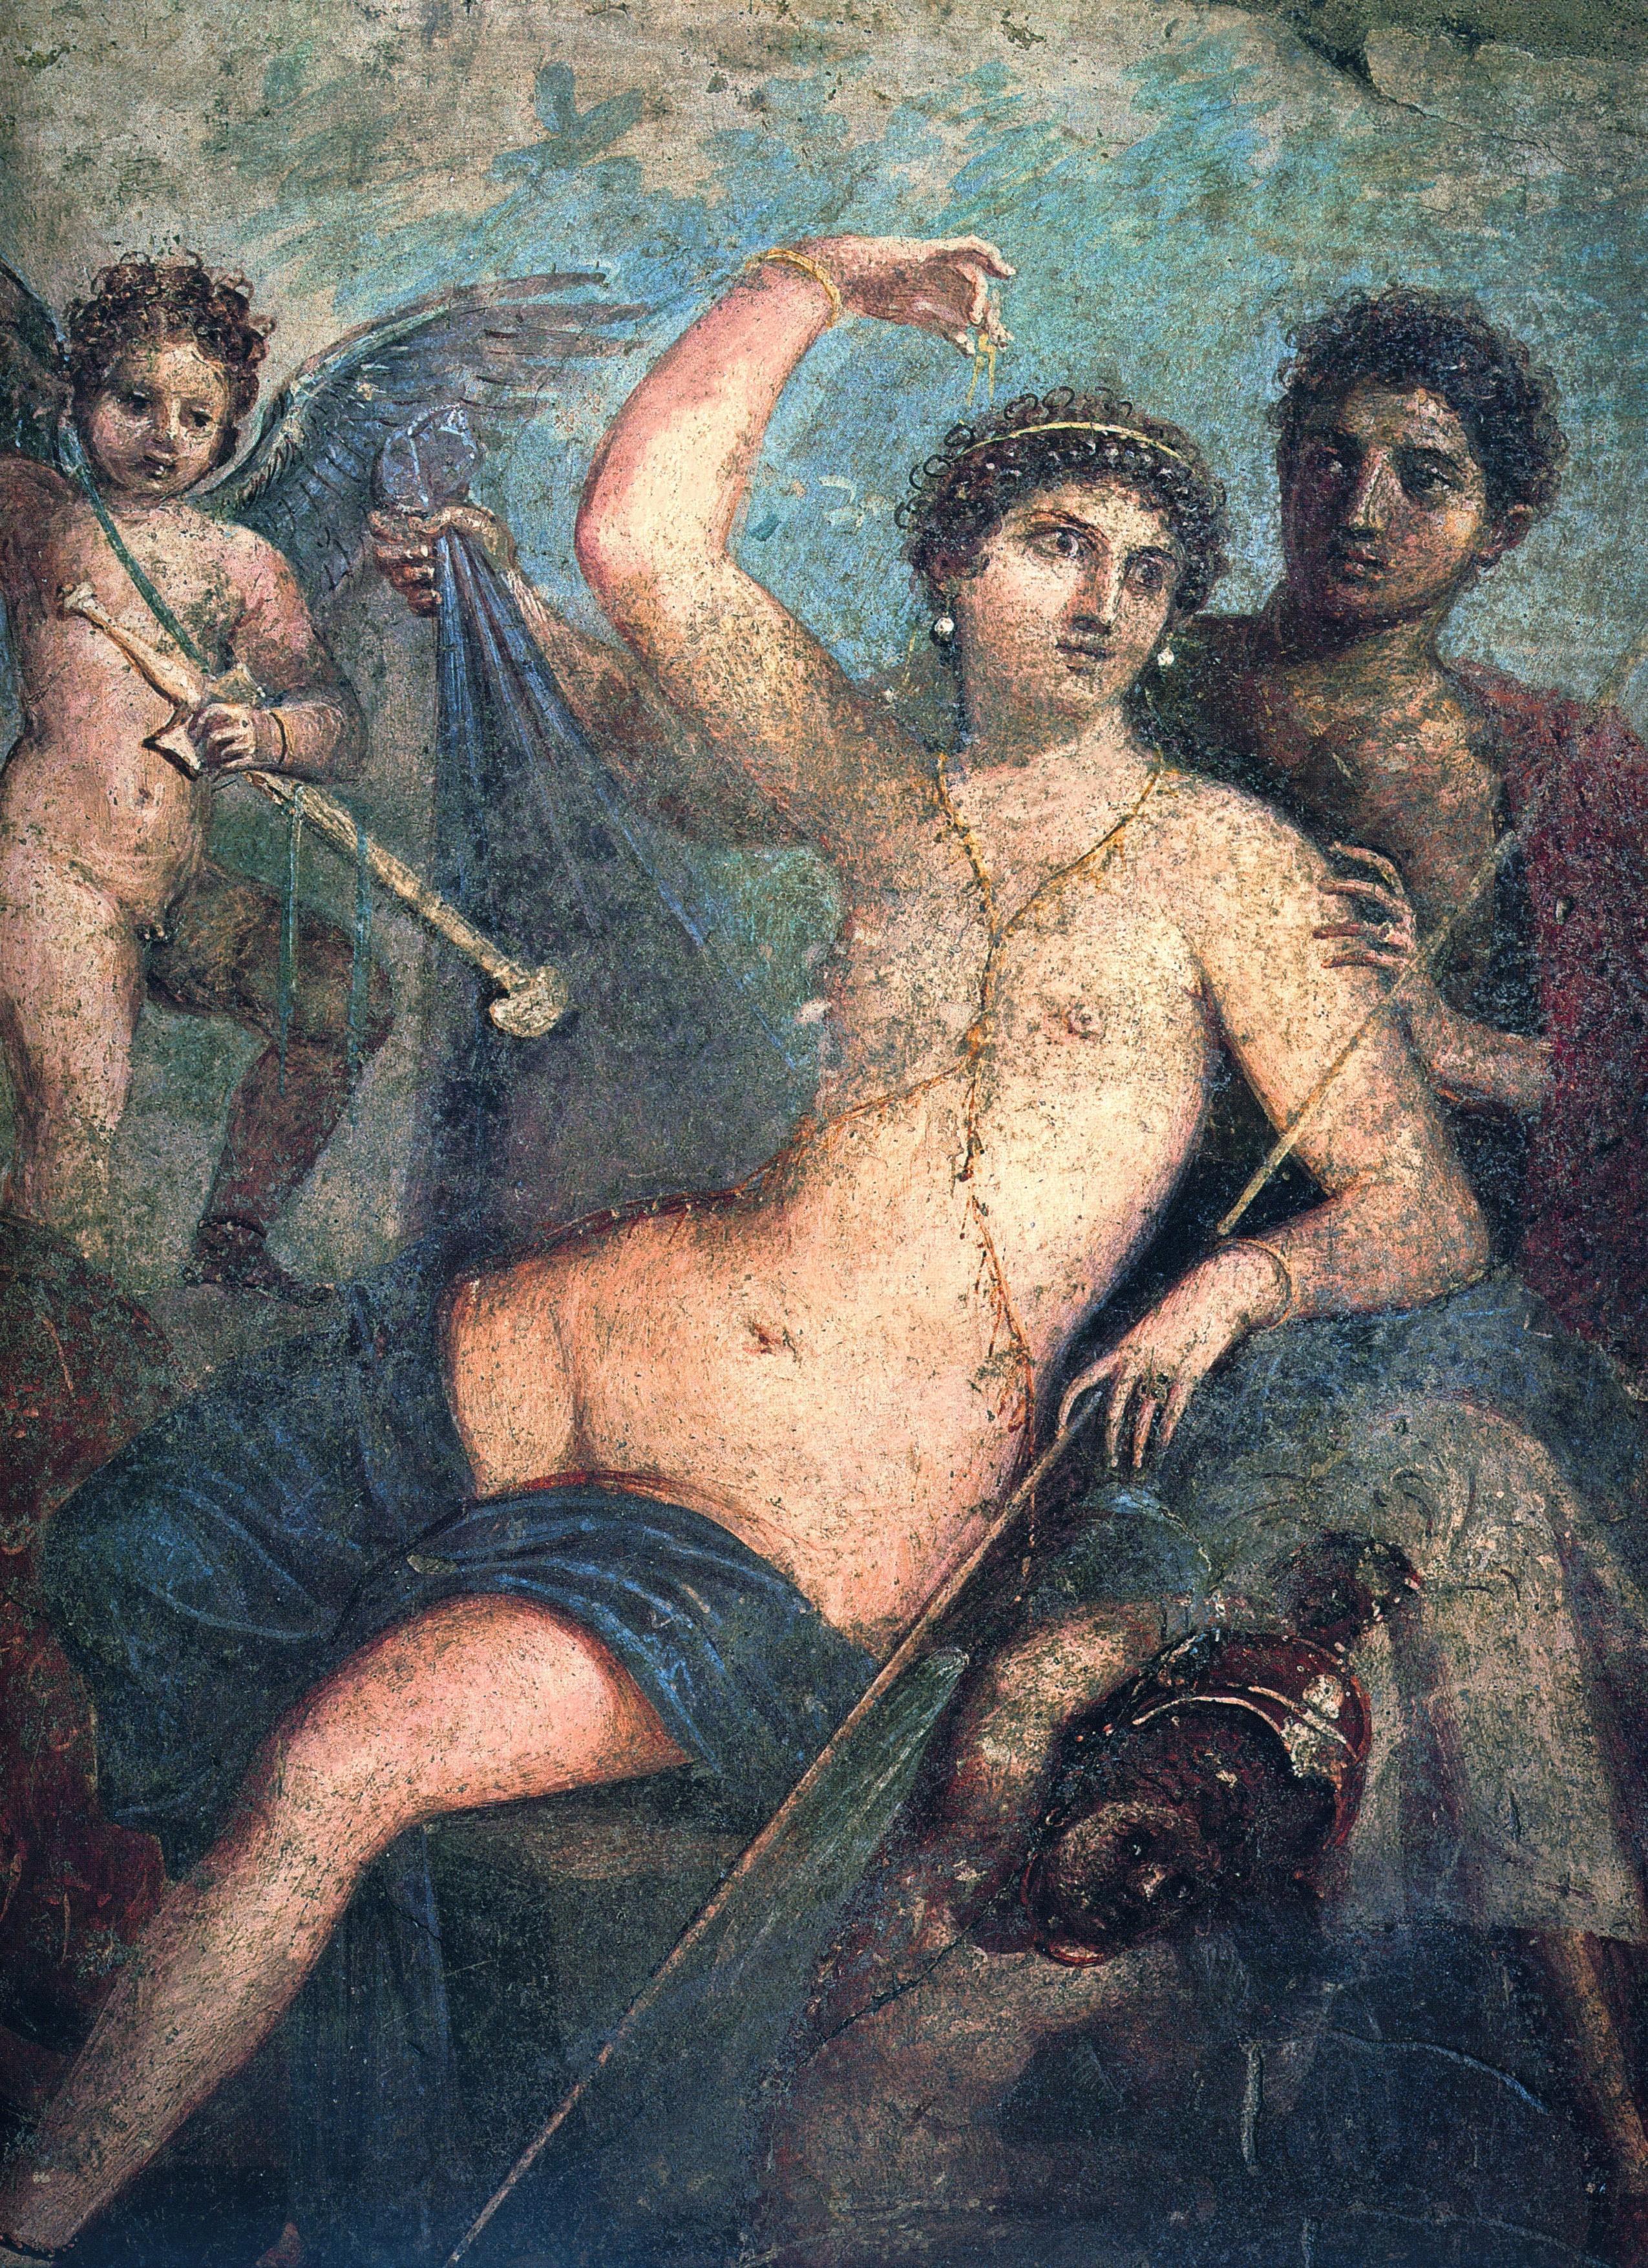 Vénus : déesse de l'amour à gauche, Mars : dieu de la guerre à droite